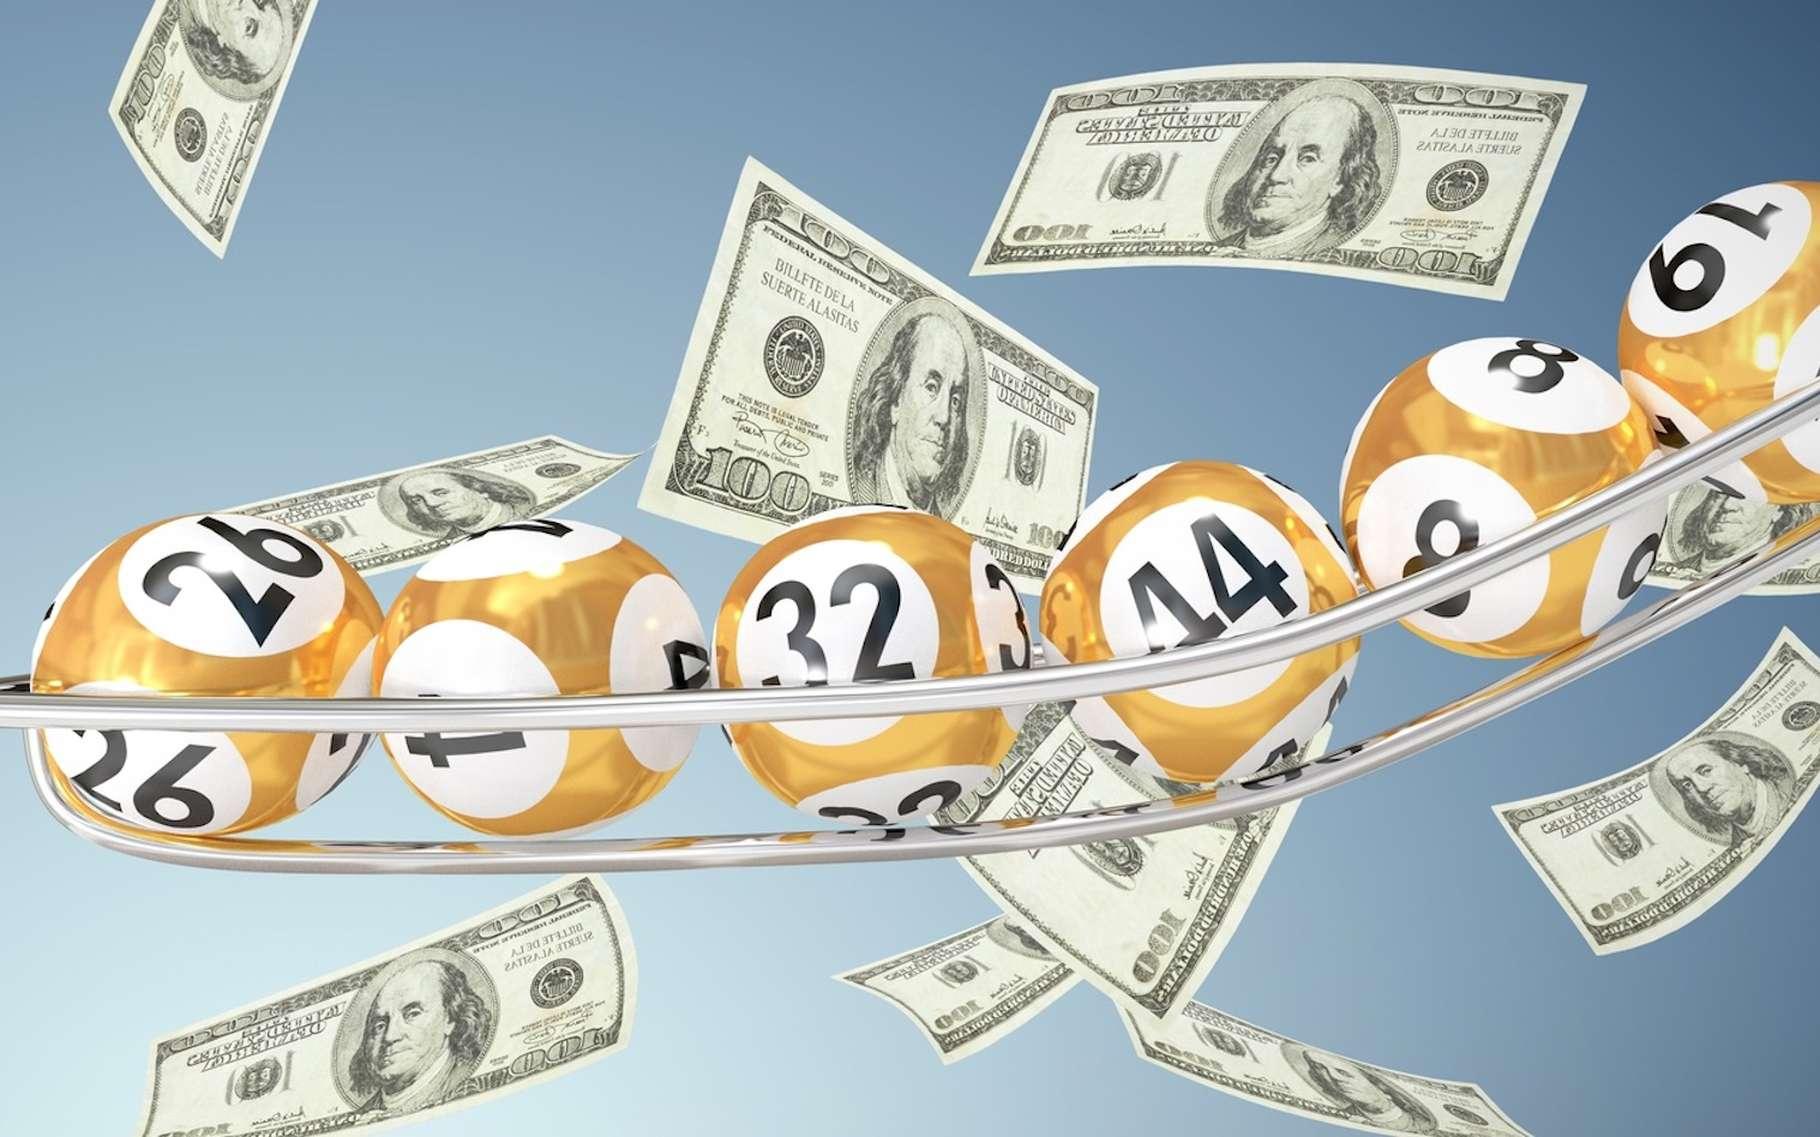 Les chances de gagner le gros lot au loto sont faibles. Elles augmentent si l'on tient compte de toutes les possibilités de l'emporter. © vectorfusionart, Fotolia